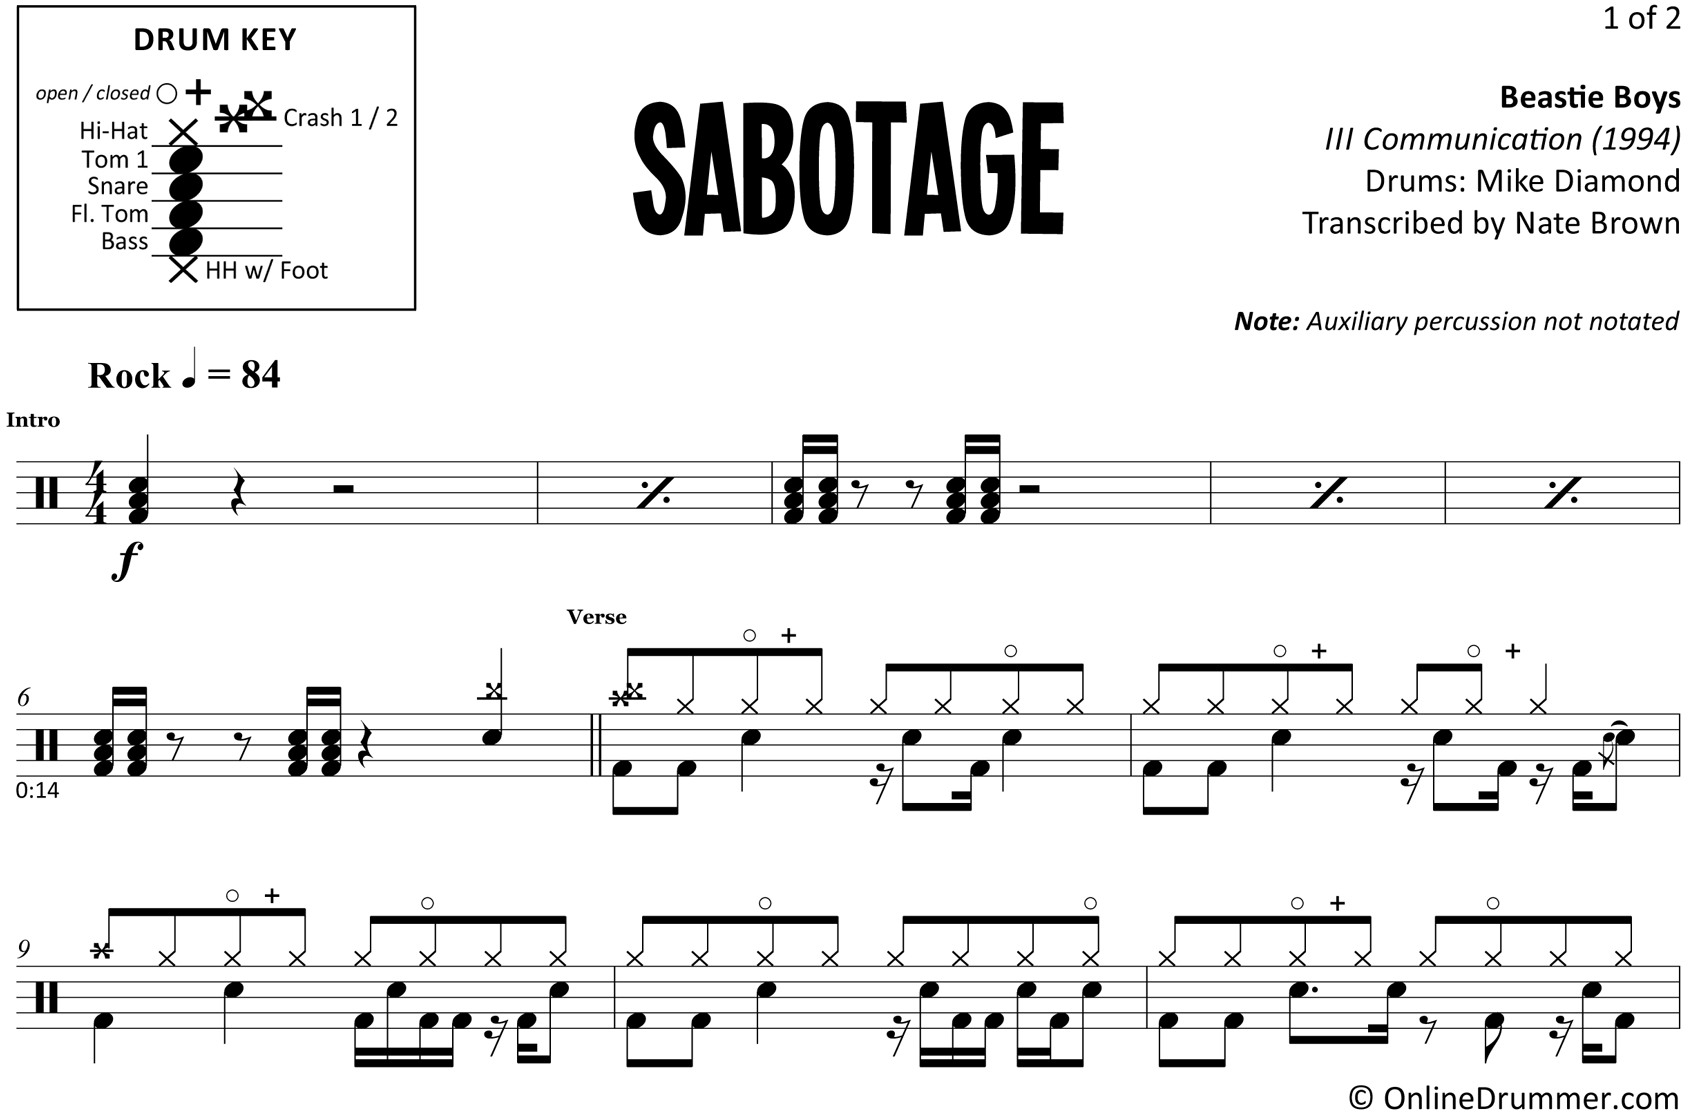 Sabotage - Beastie Boys - Drum Sheet Music